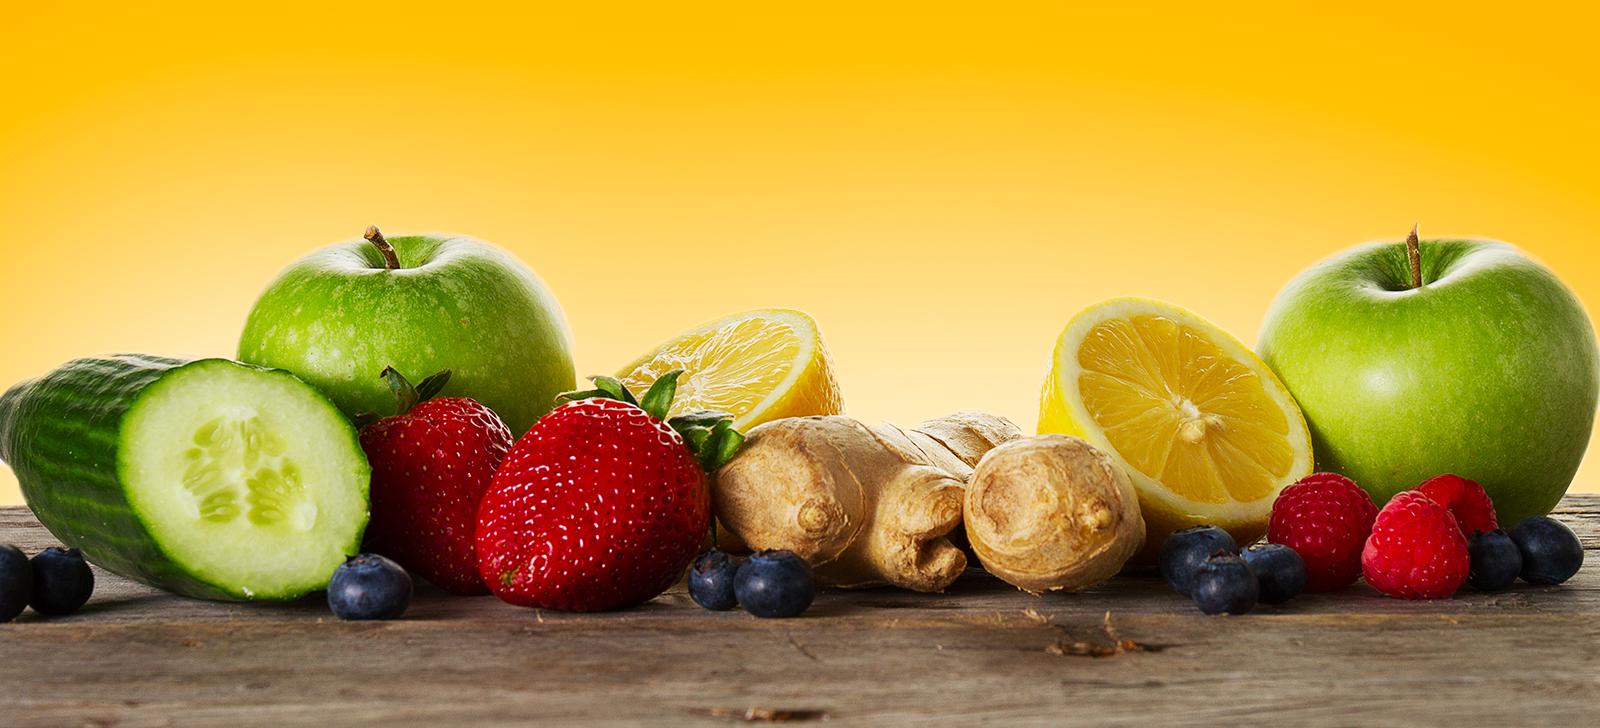 Alimentos que melhoram a imunidade